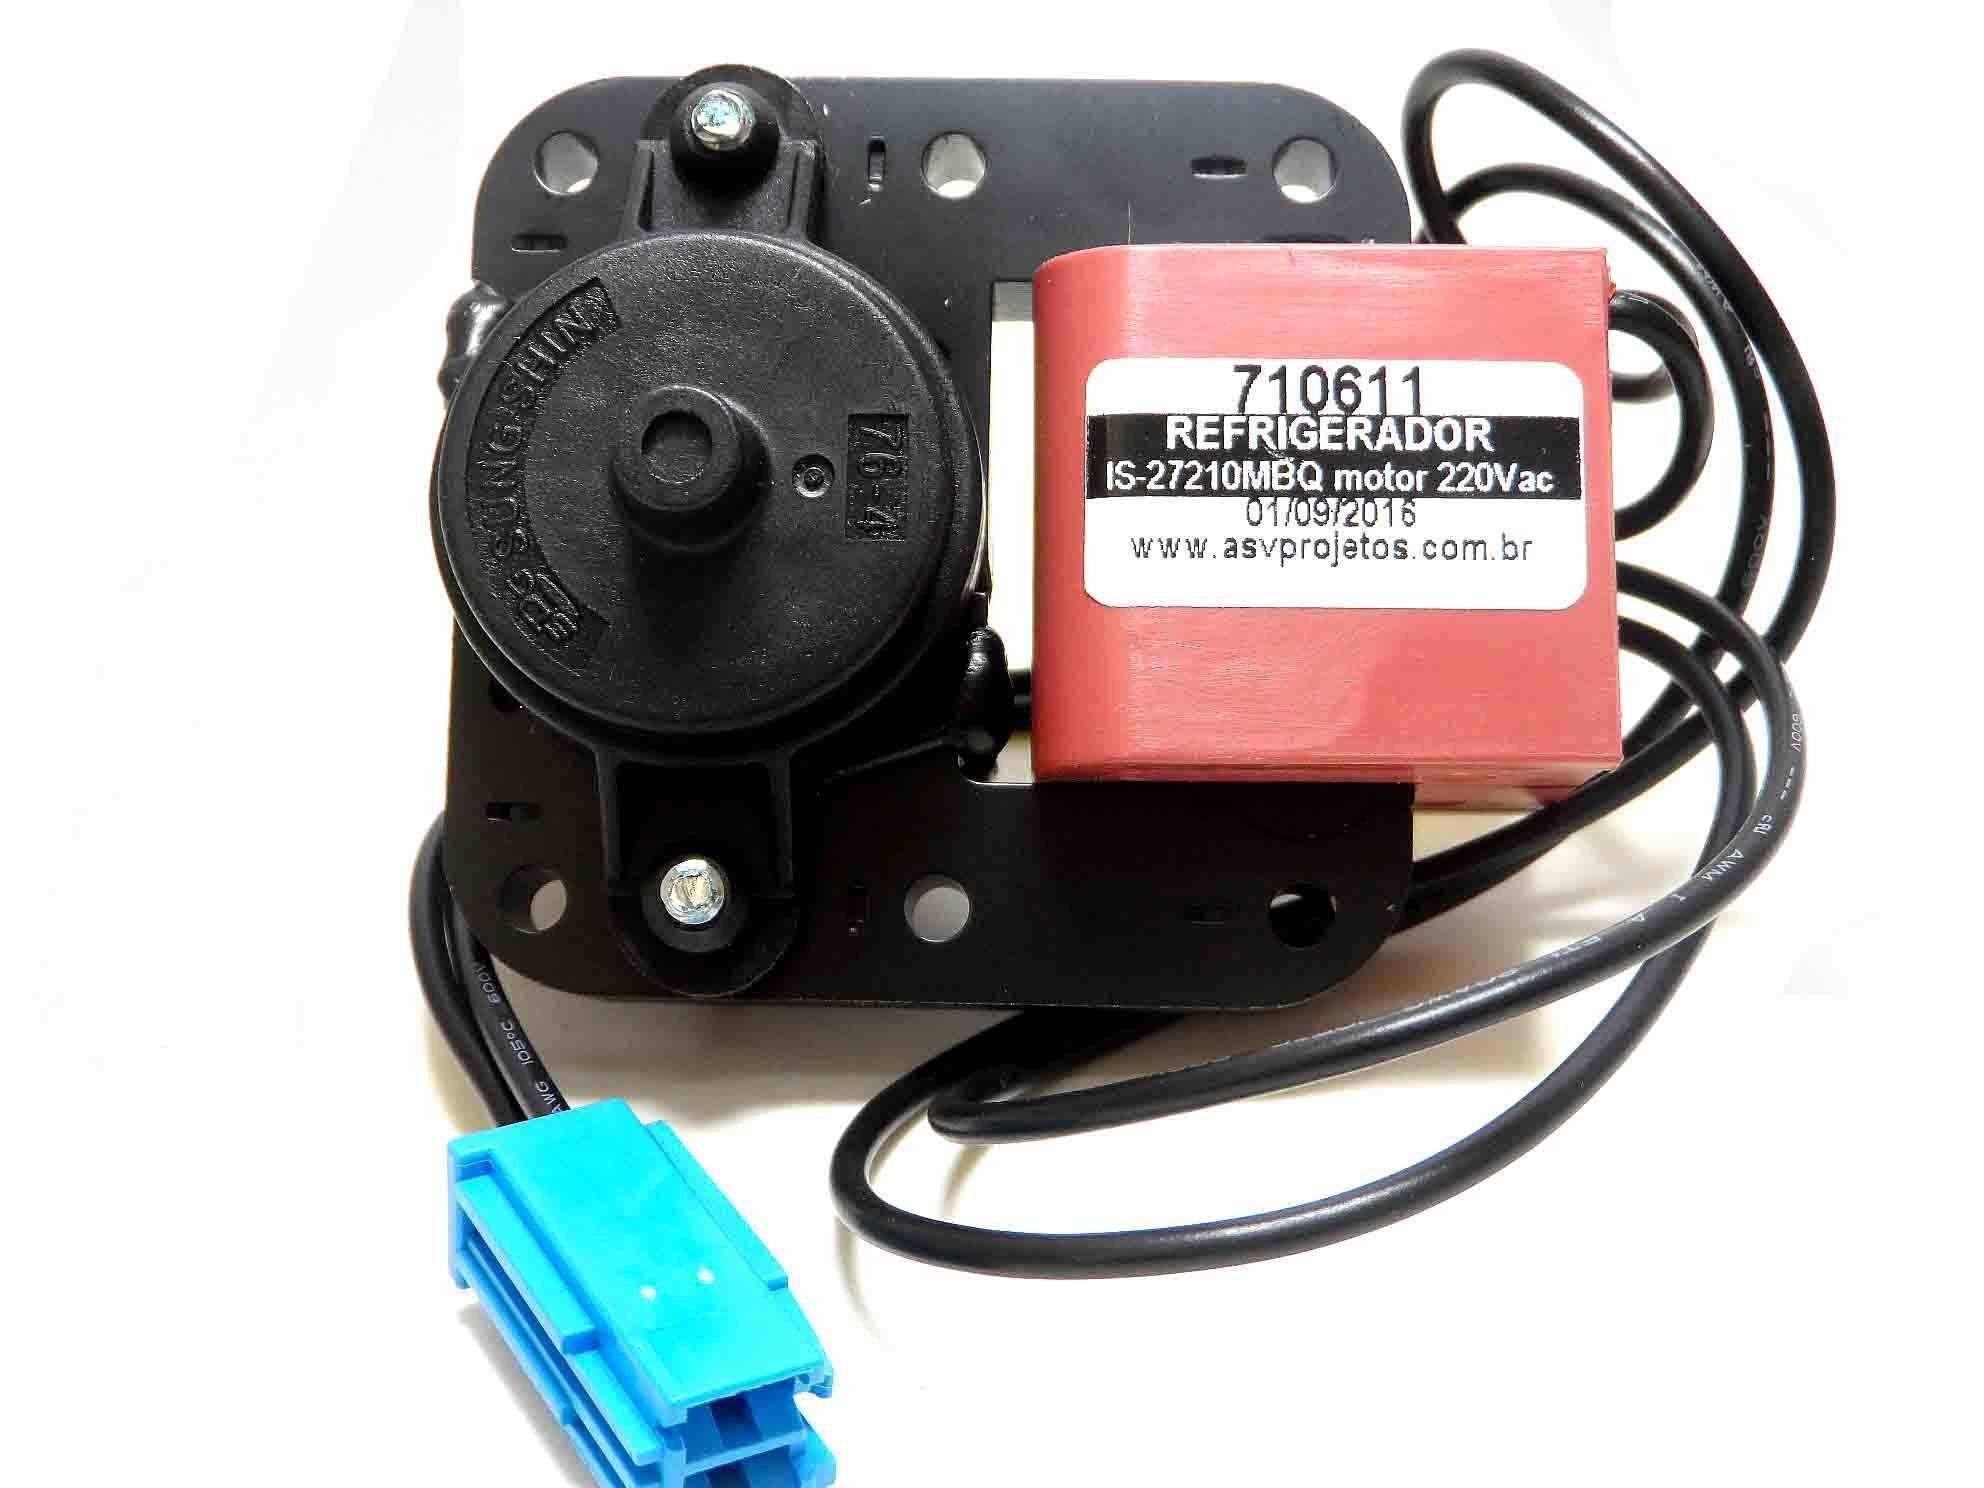 MOTOR VENTILADOR REFRIGERADOR BOSCH 220V 238C4521P0002